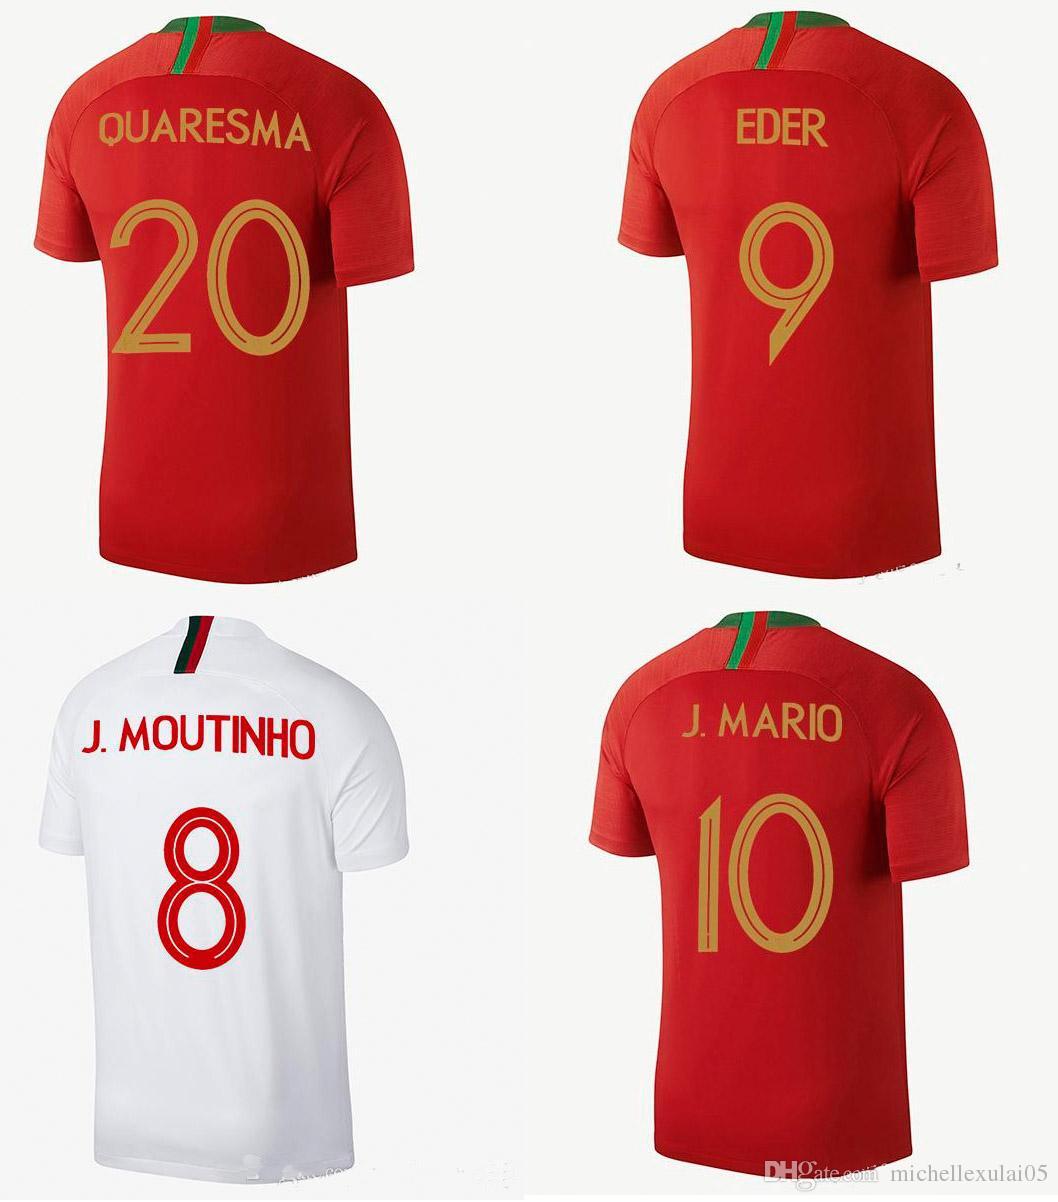 New Nation Team Soccer Jersey 2018 world cup MARIO QUARESMA Football Shirts MOUTINHO away white Camiseta de futbol EDER maillot de foot